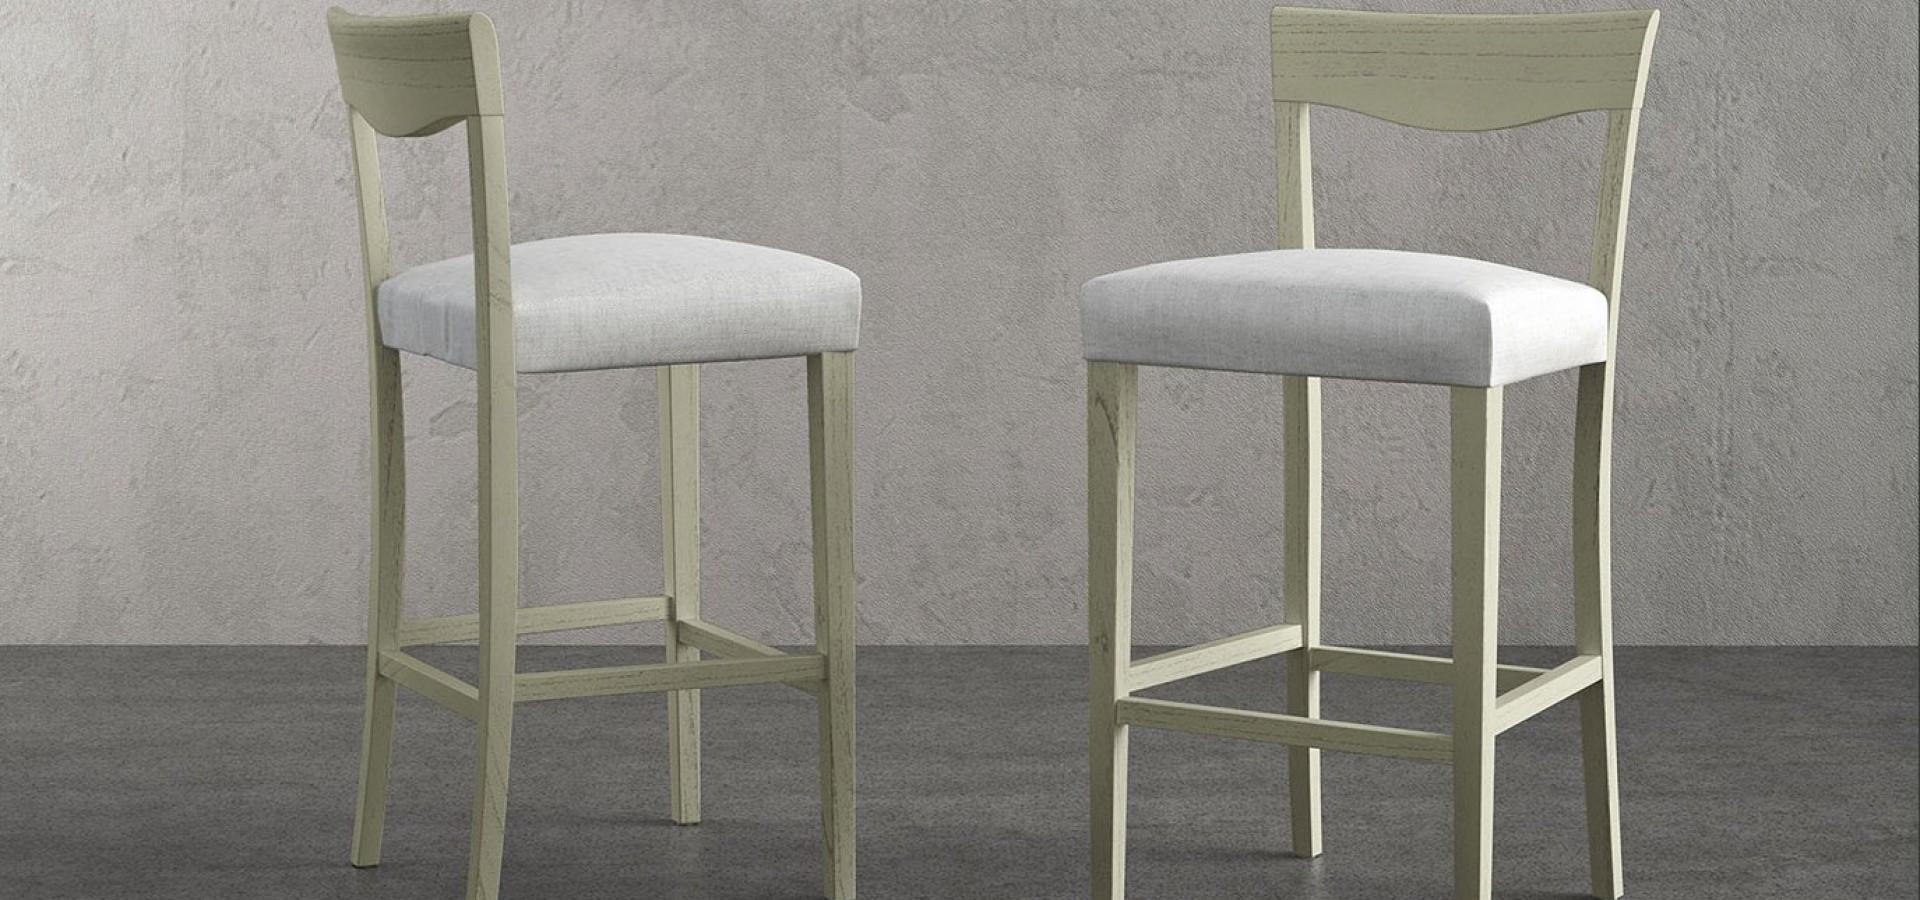 Итальянский стул Барный стул 482 | Стул Барный стул 482 ARREDO3